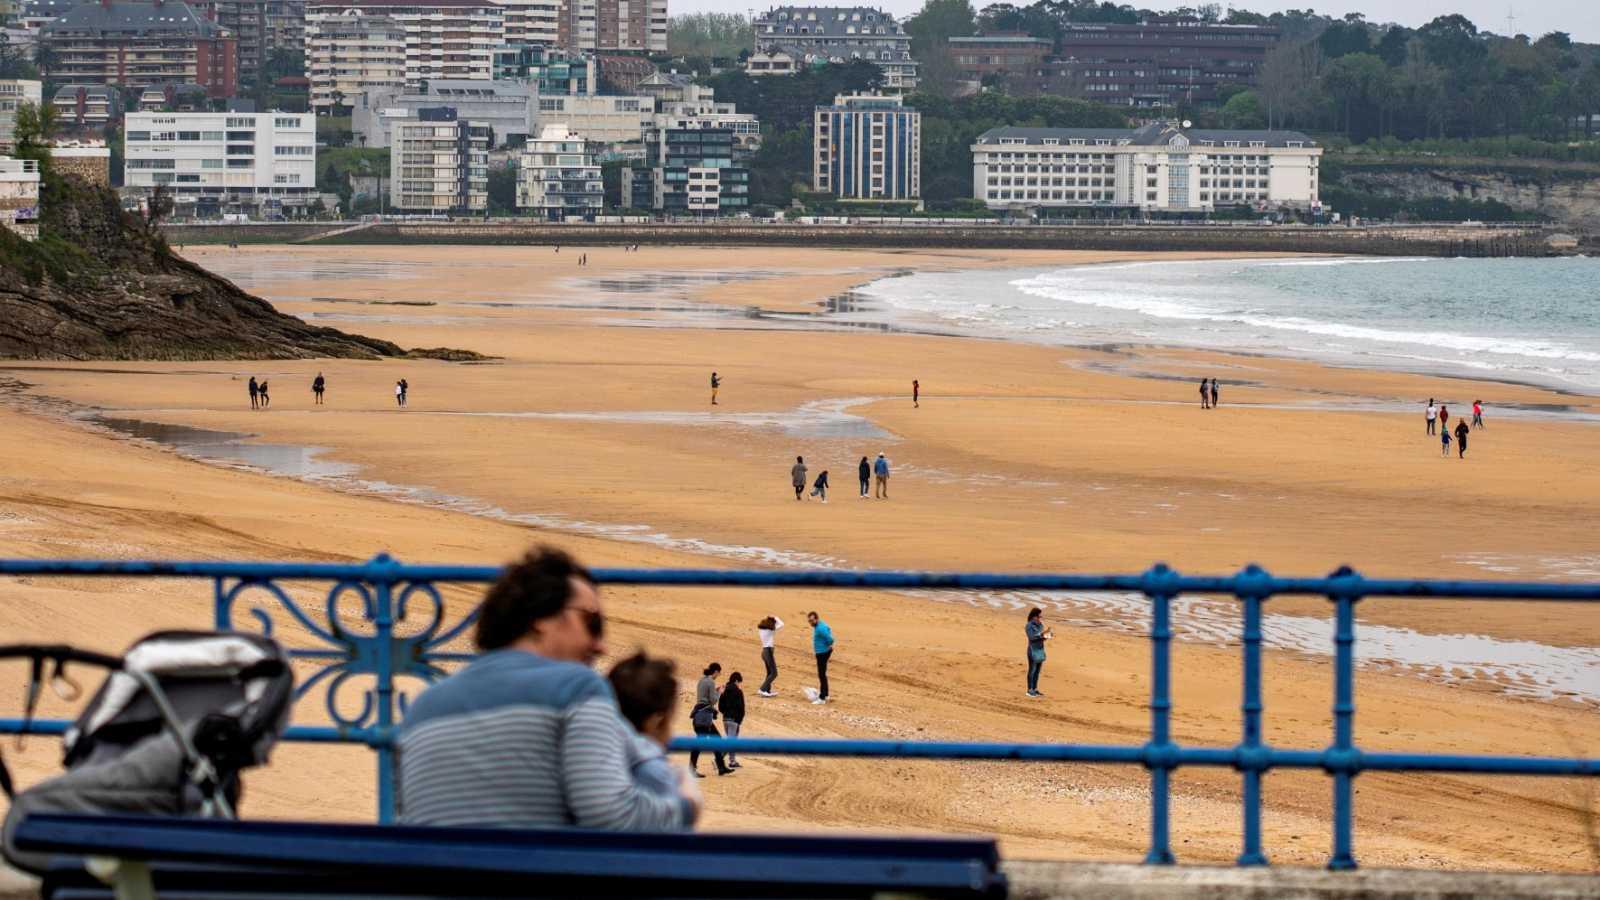 El Gobierno de Cantabria lanzará un 'Plan de despegue' de más de ocho millones de euros para el turismo de la región